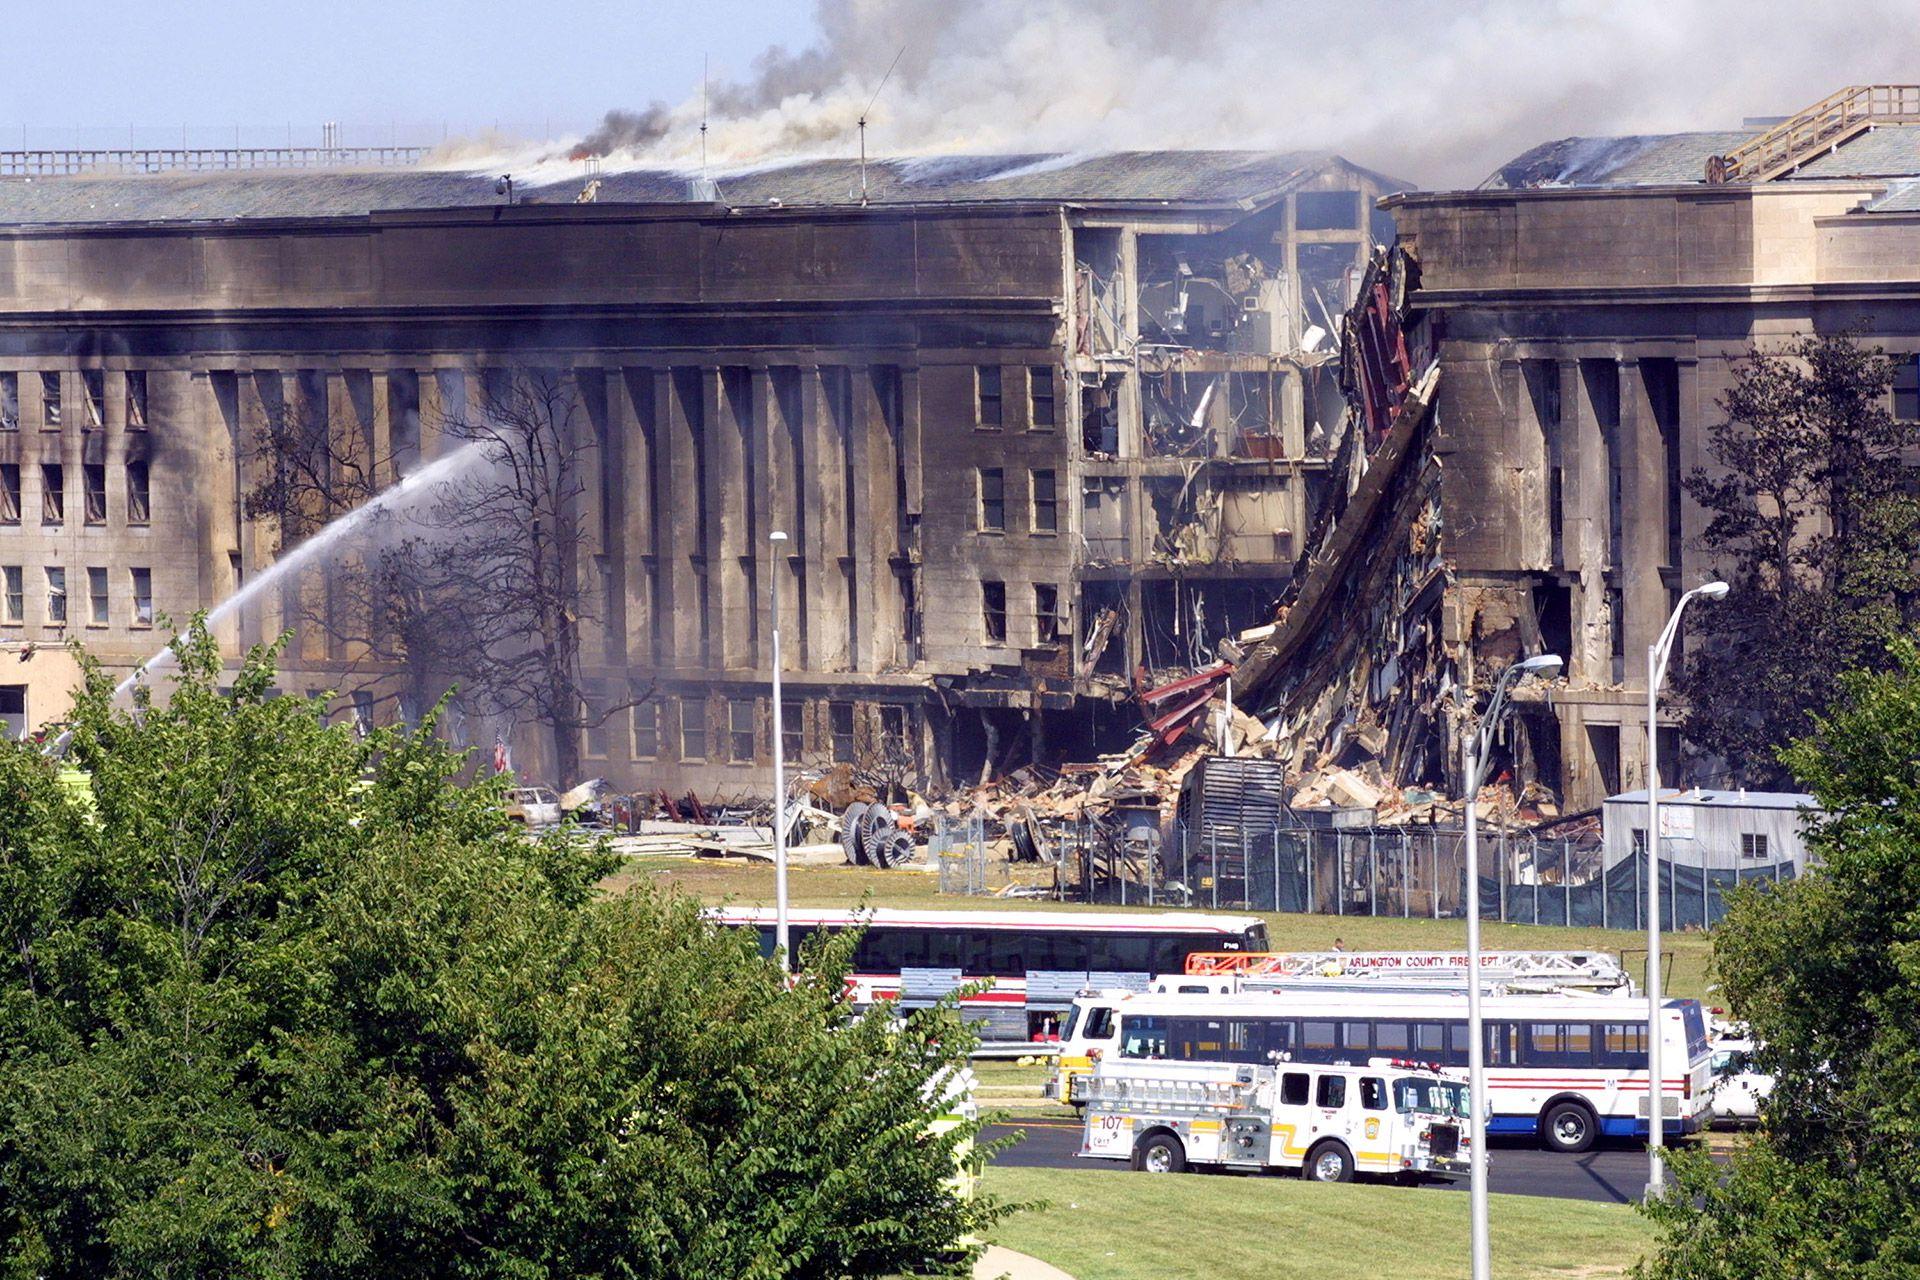 atentado 11 de septiembre torres gemelas world trade center